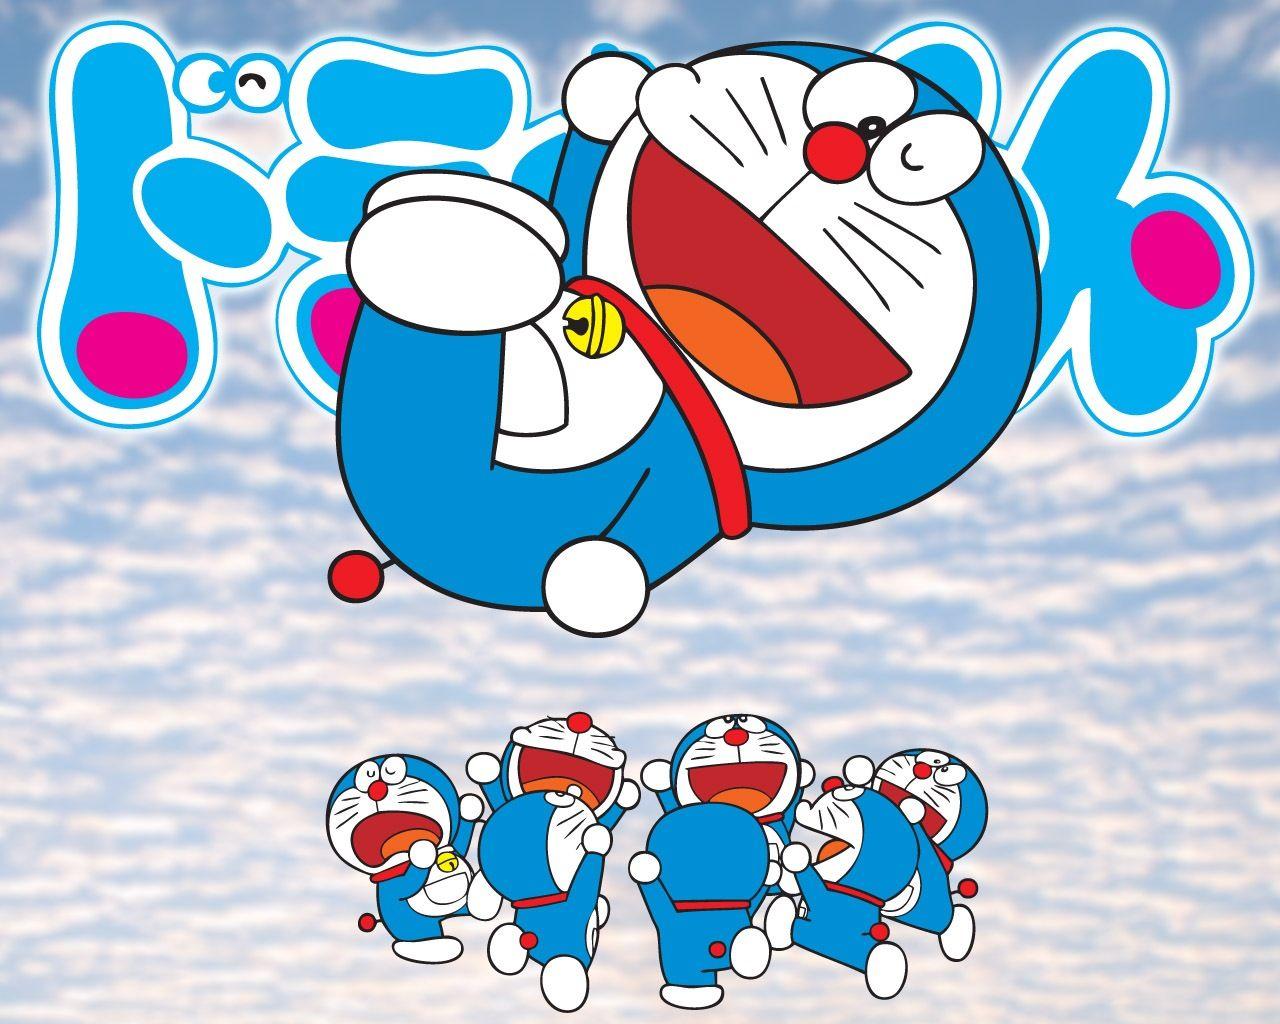 ドラえもん 壁紙 Doraemon Wallpaper Dengan Gambar